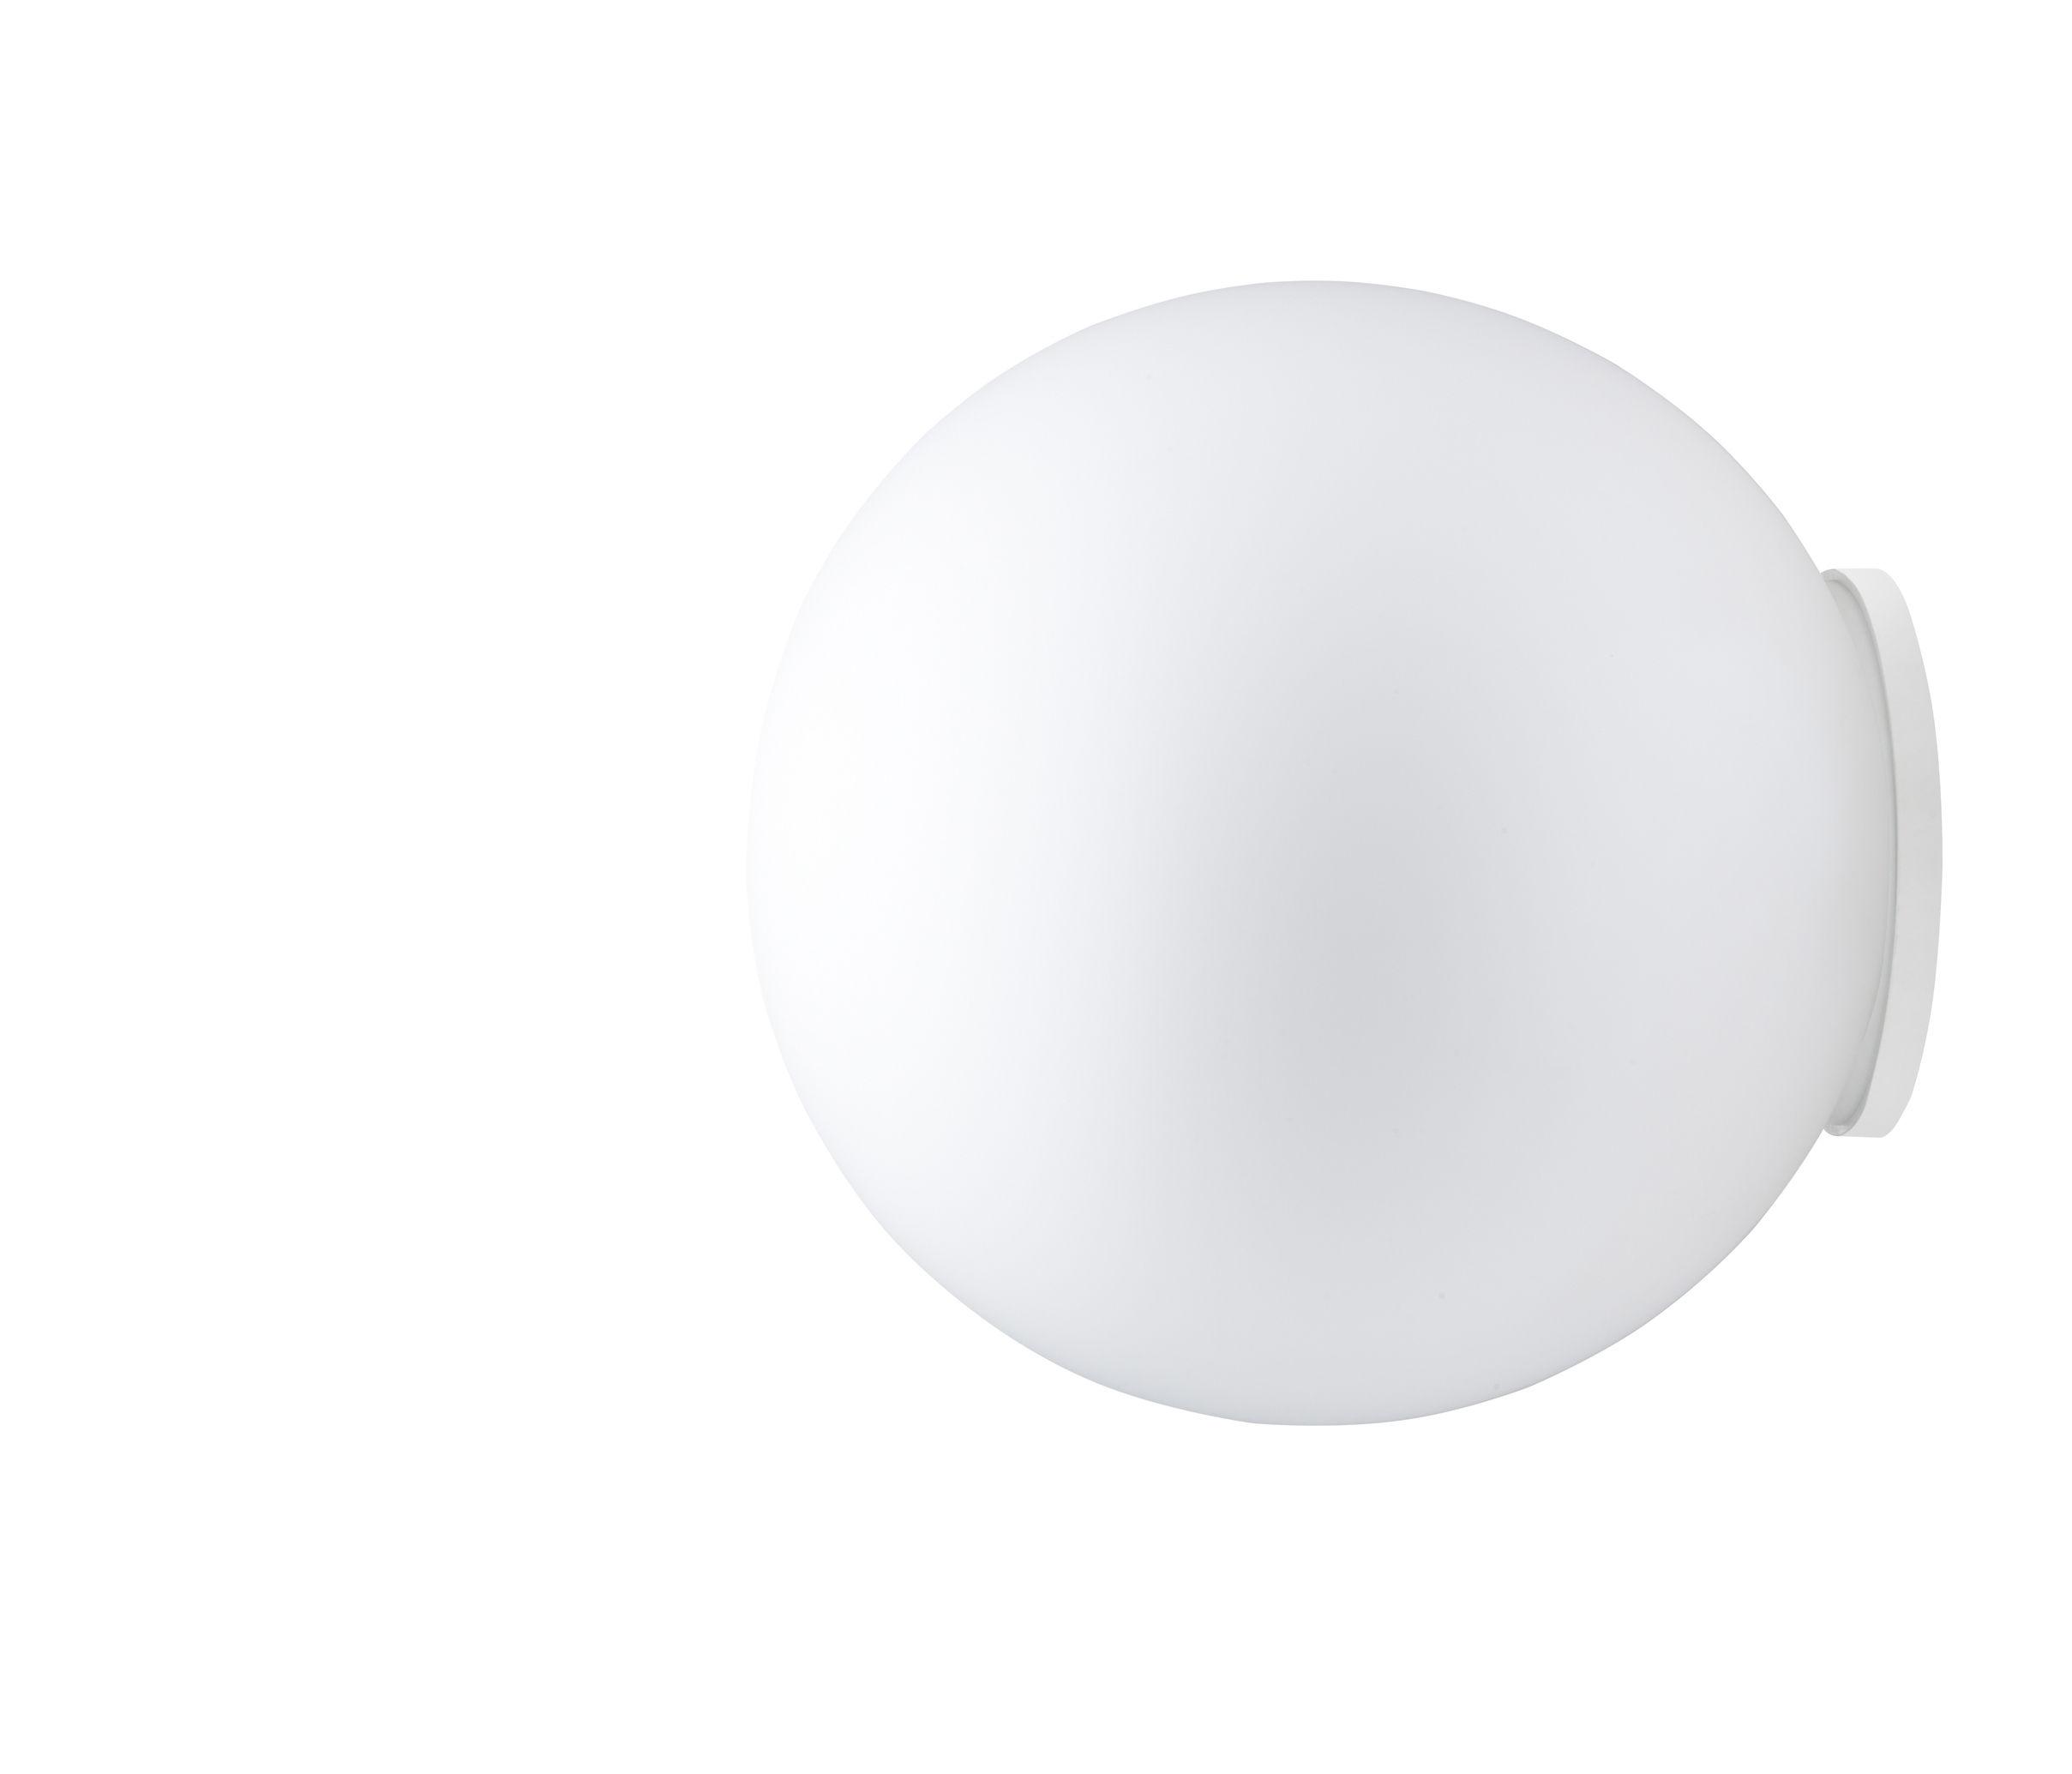 Illuminazione - Lampade da parete - Applique Sfera - Ø 35 cm di Fabbian - Bianco - Ø 35 cm - Vetro